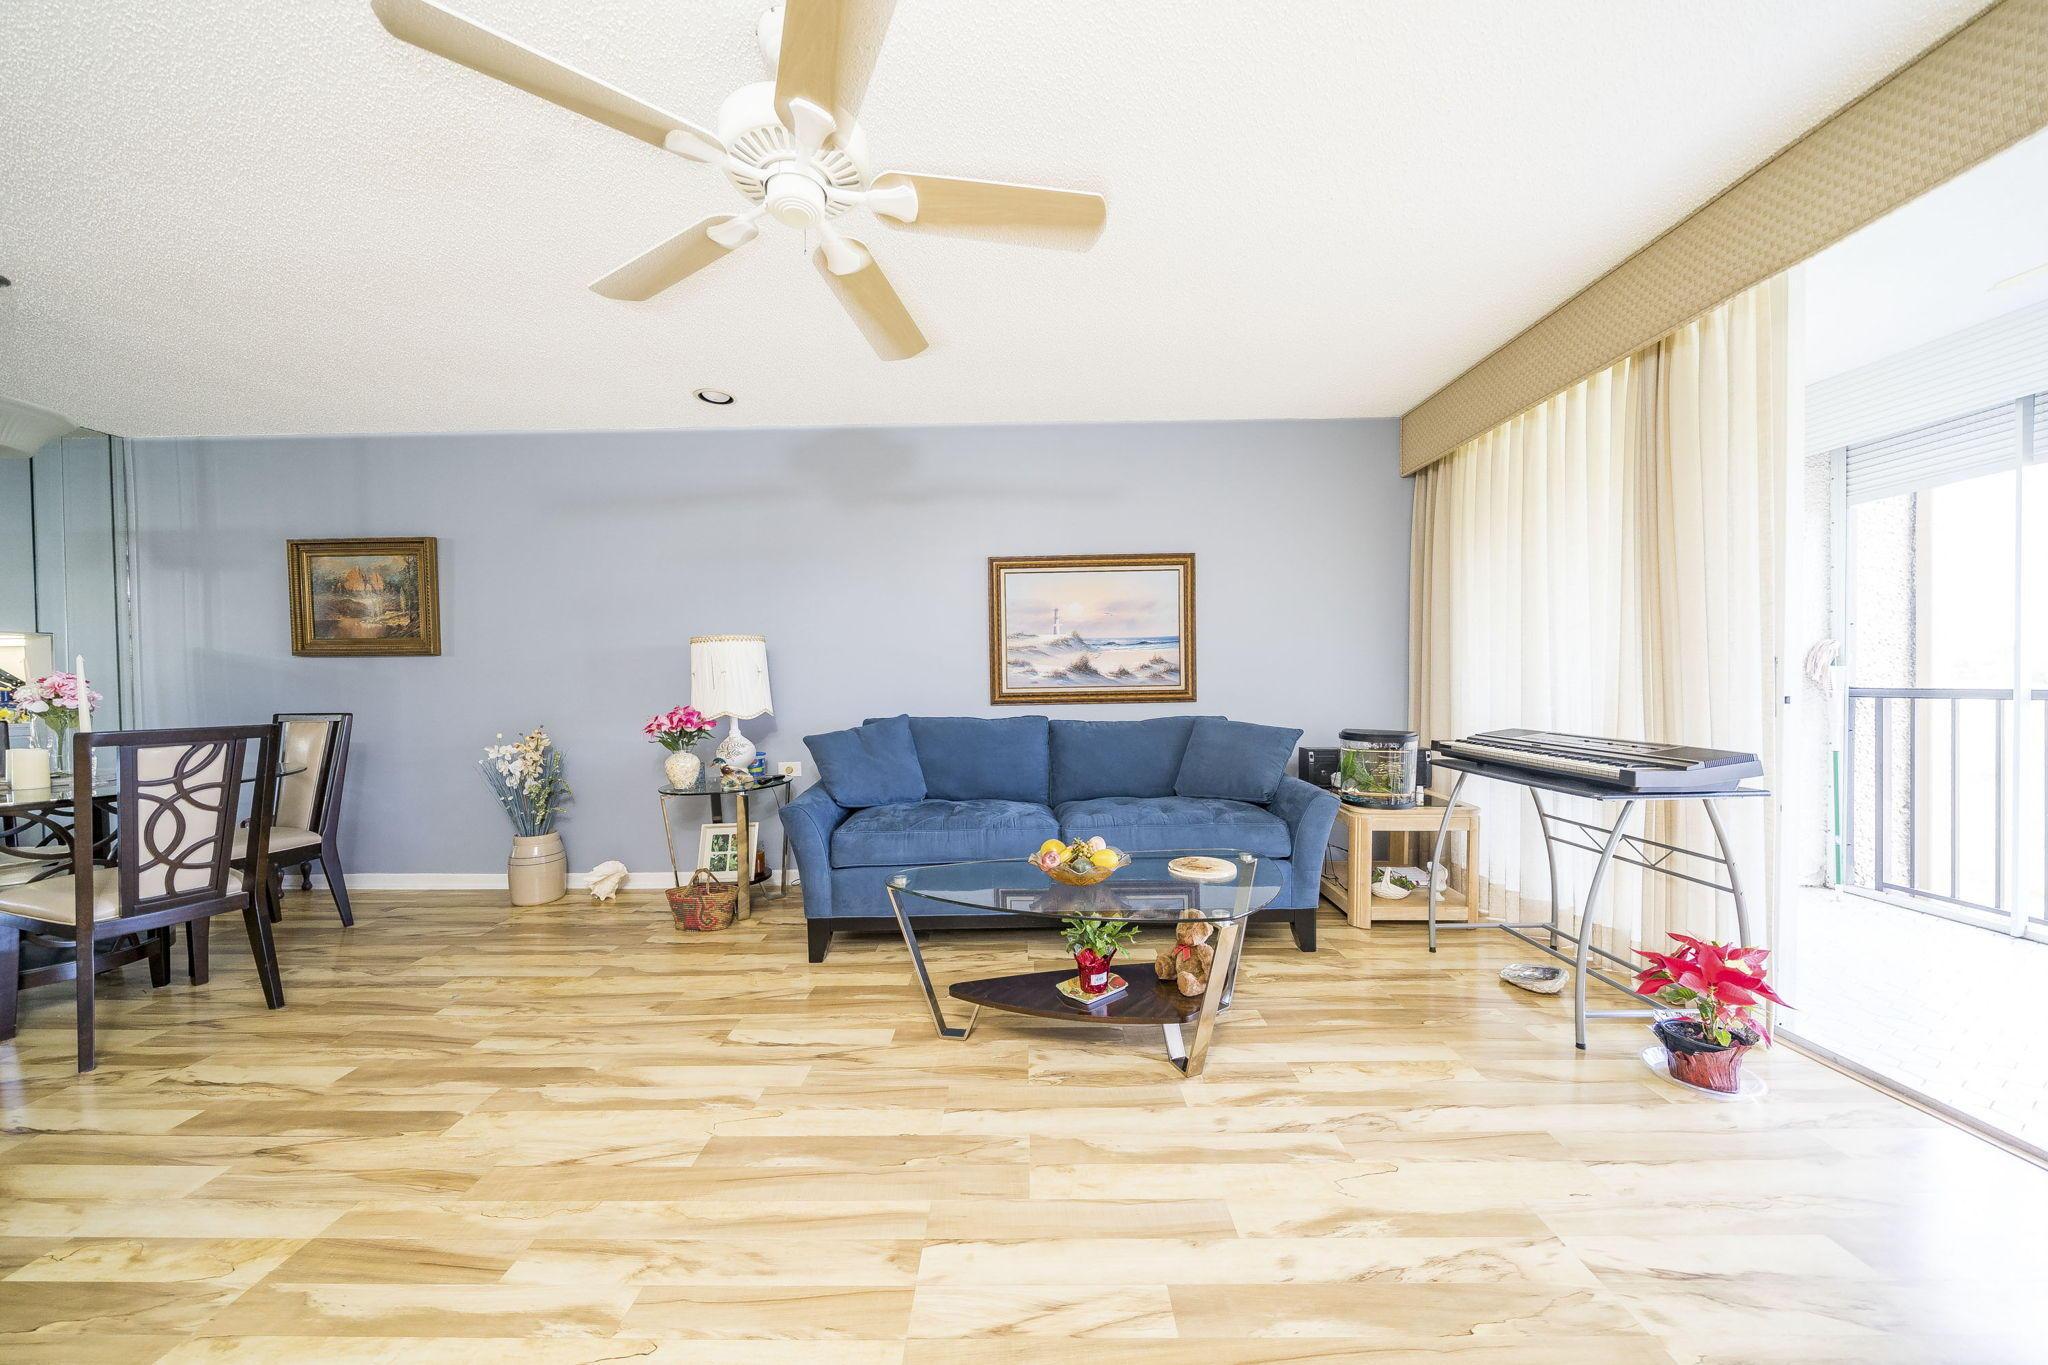 4242 Deste Court 203 Lake Worth, FL 33467